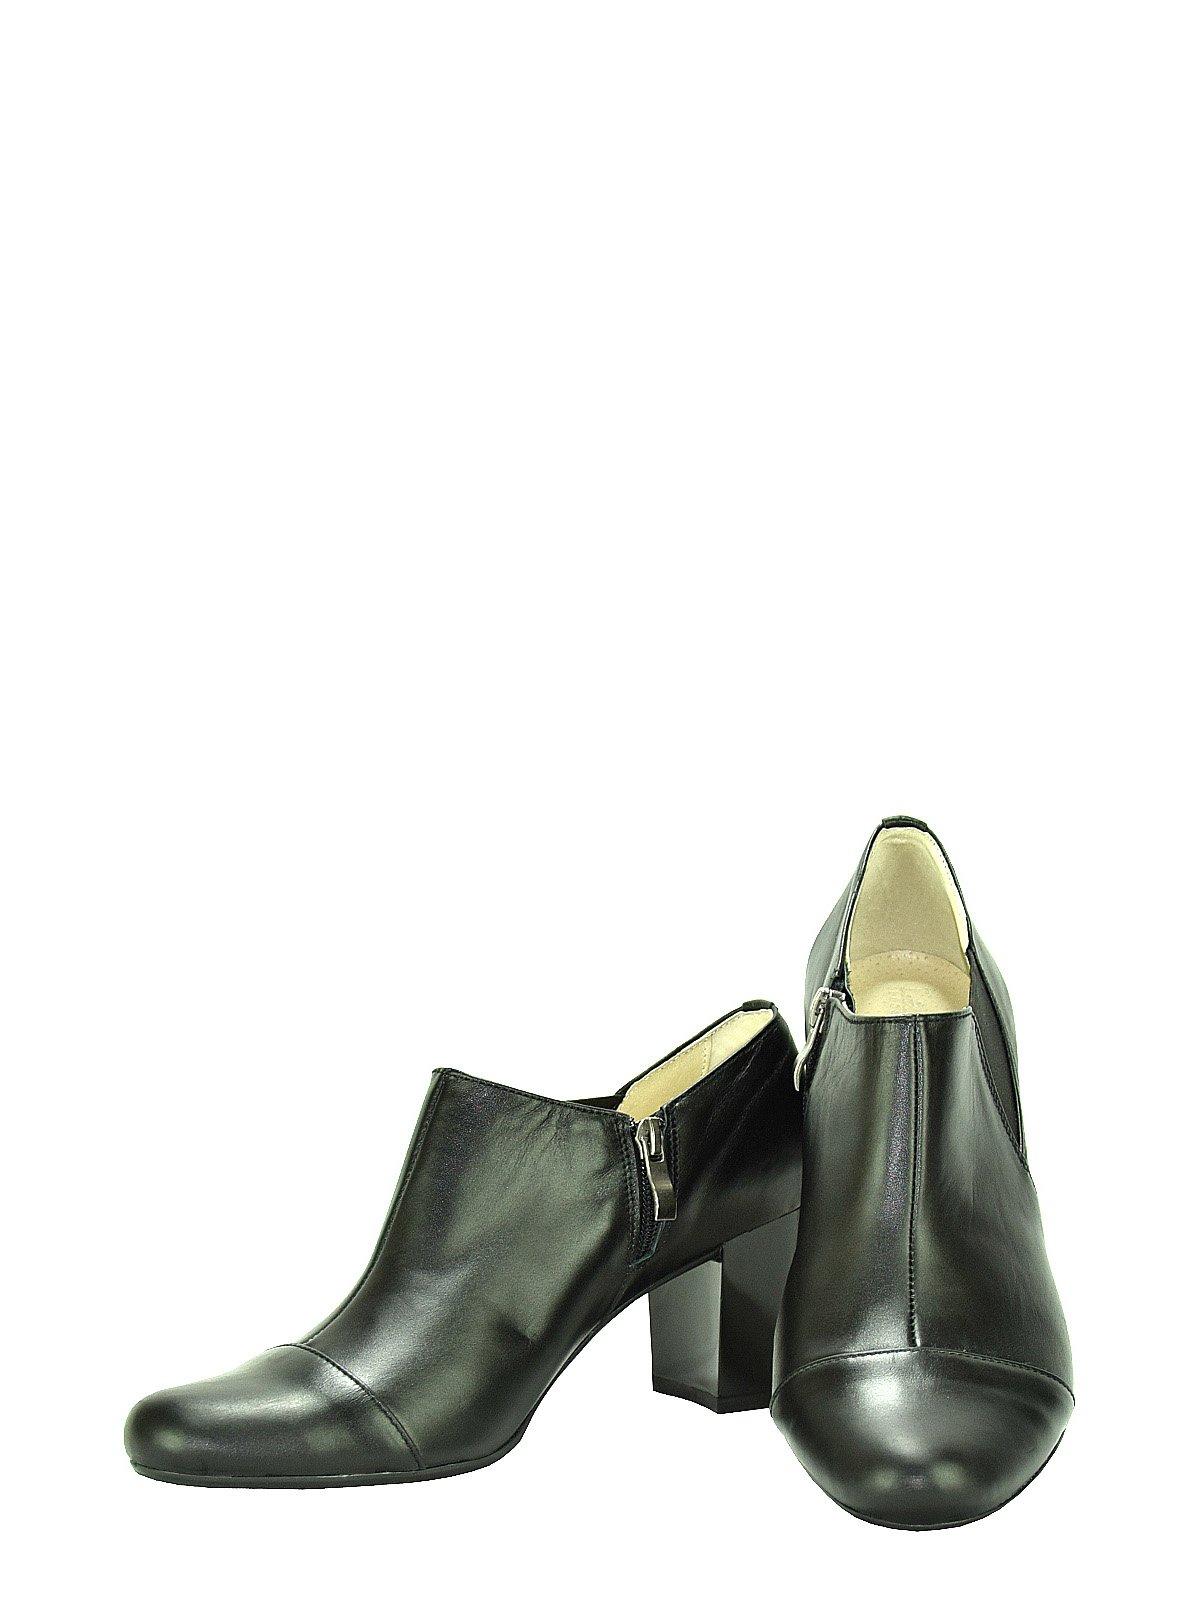 Туфлі чорні | 3533239 | фото 3